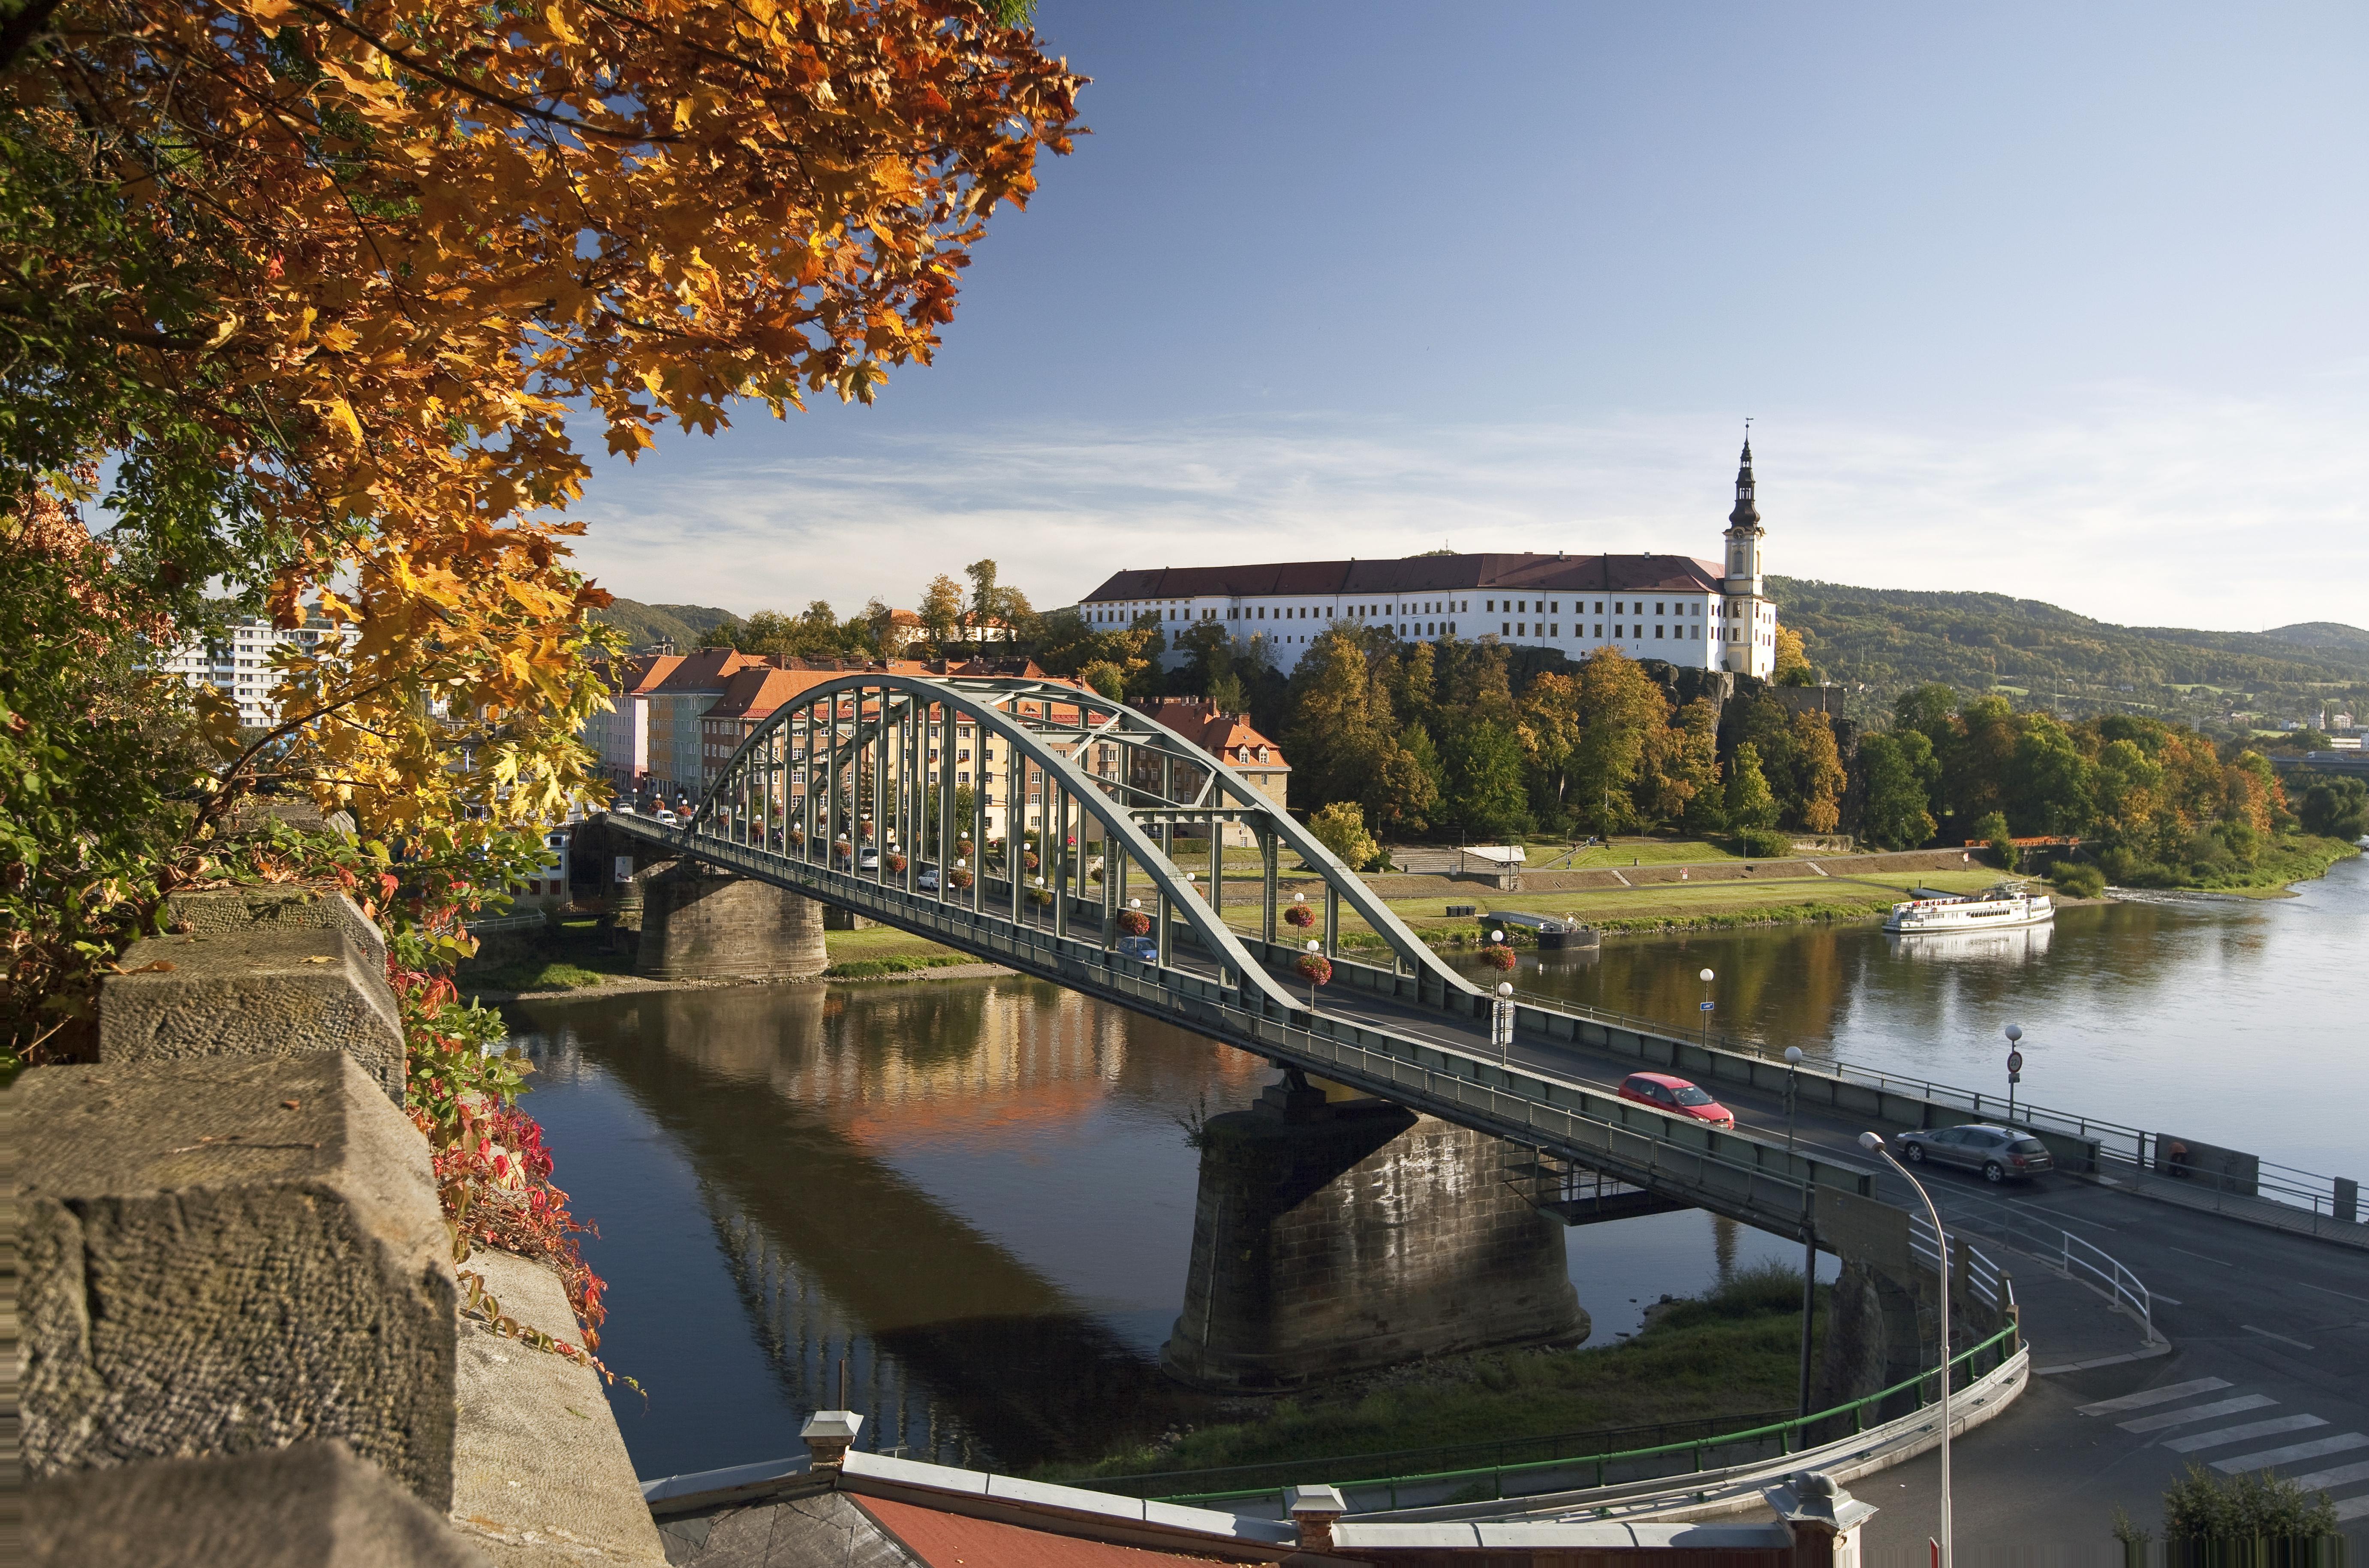 Zámek Děčín s mostem v popředí - podzimní výjev